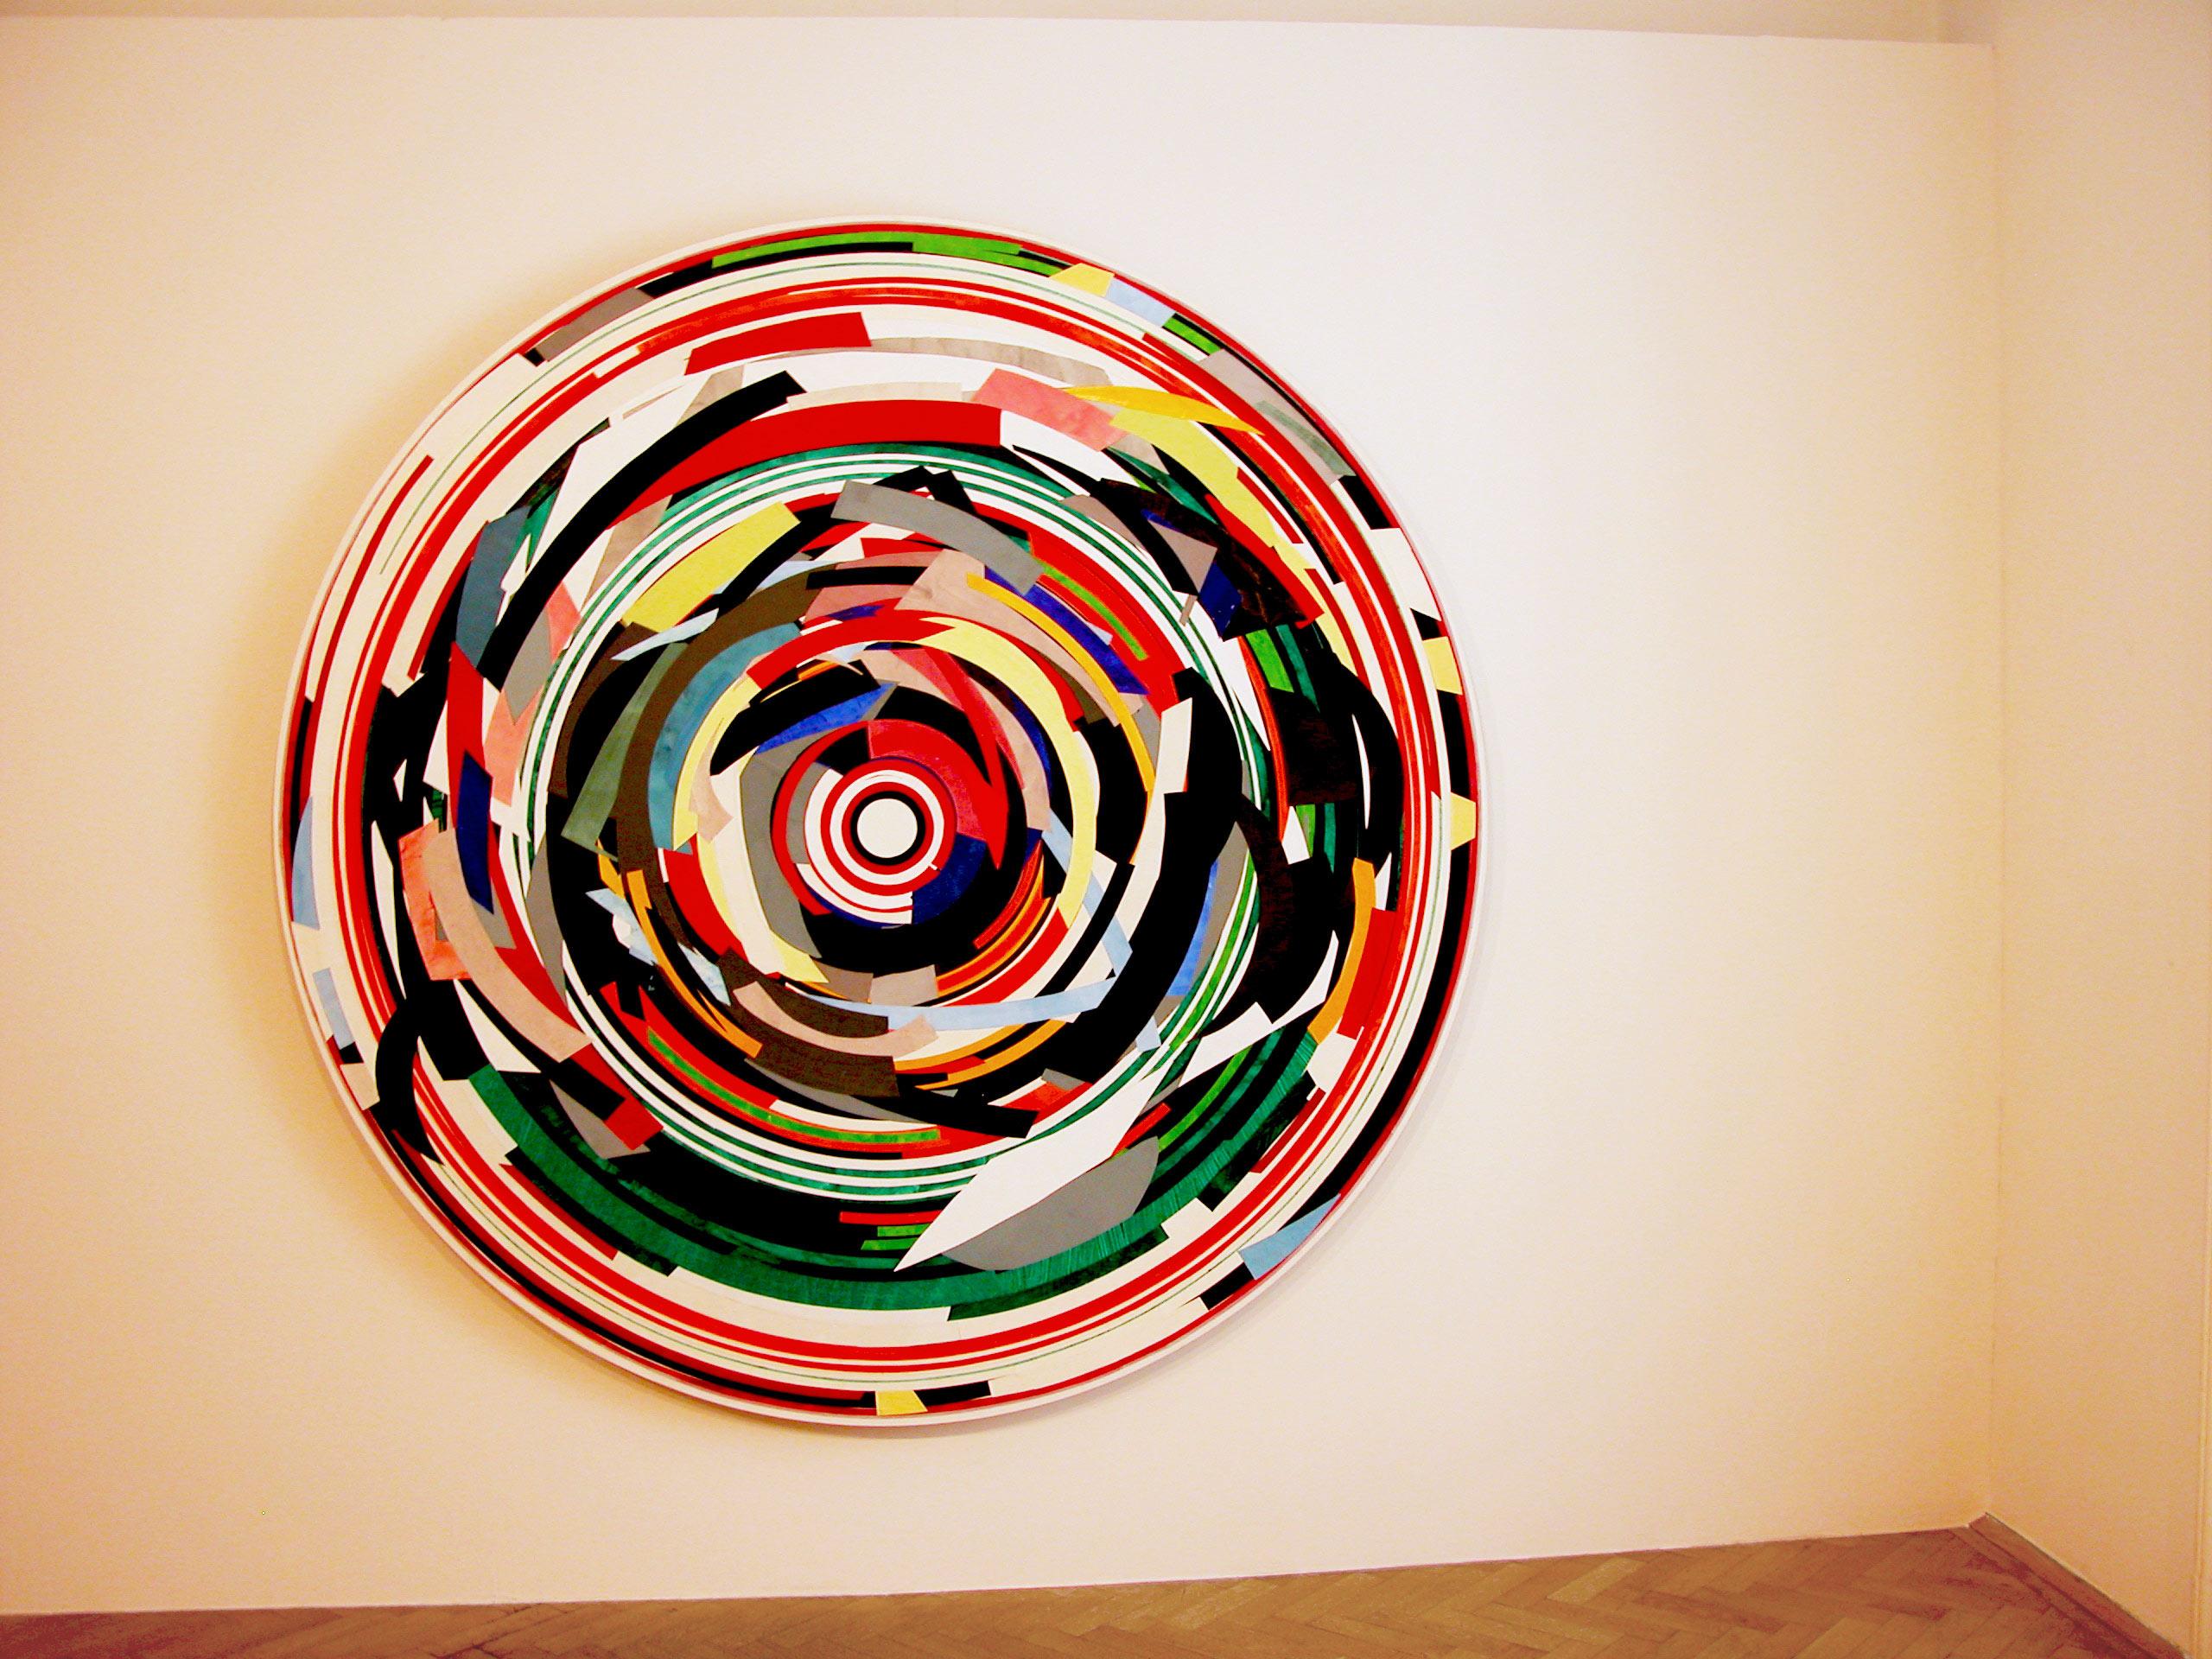 Herwig Steiner (1956L), Kunstraum Stephansplatz6 /Wien, 2018, Ausstellungsansicht<br>Herwig Steiner (1956L), Postattrappe S/2013/2017/030a, 2017, Collage, Ø ca. 195cm